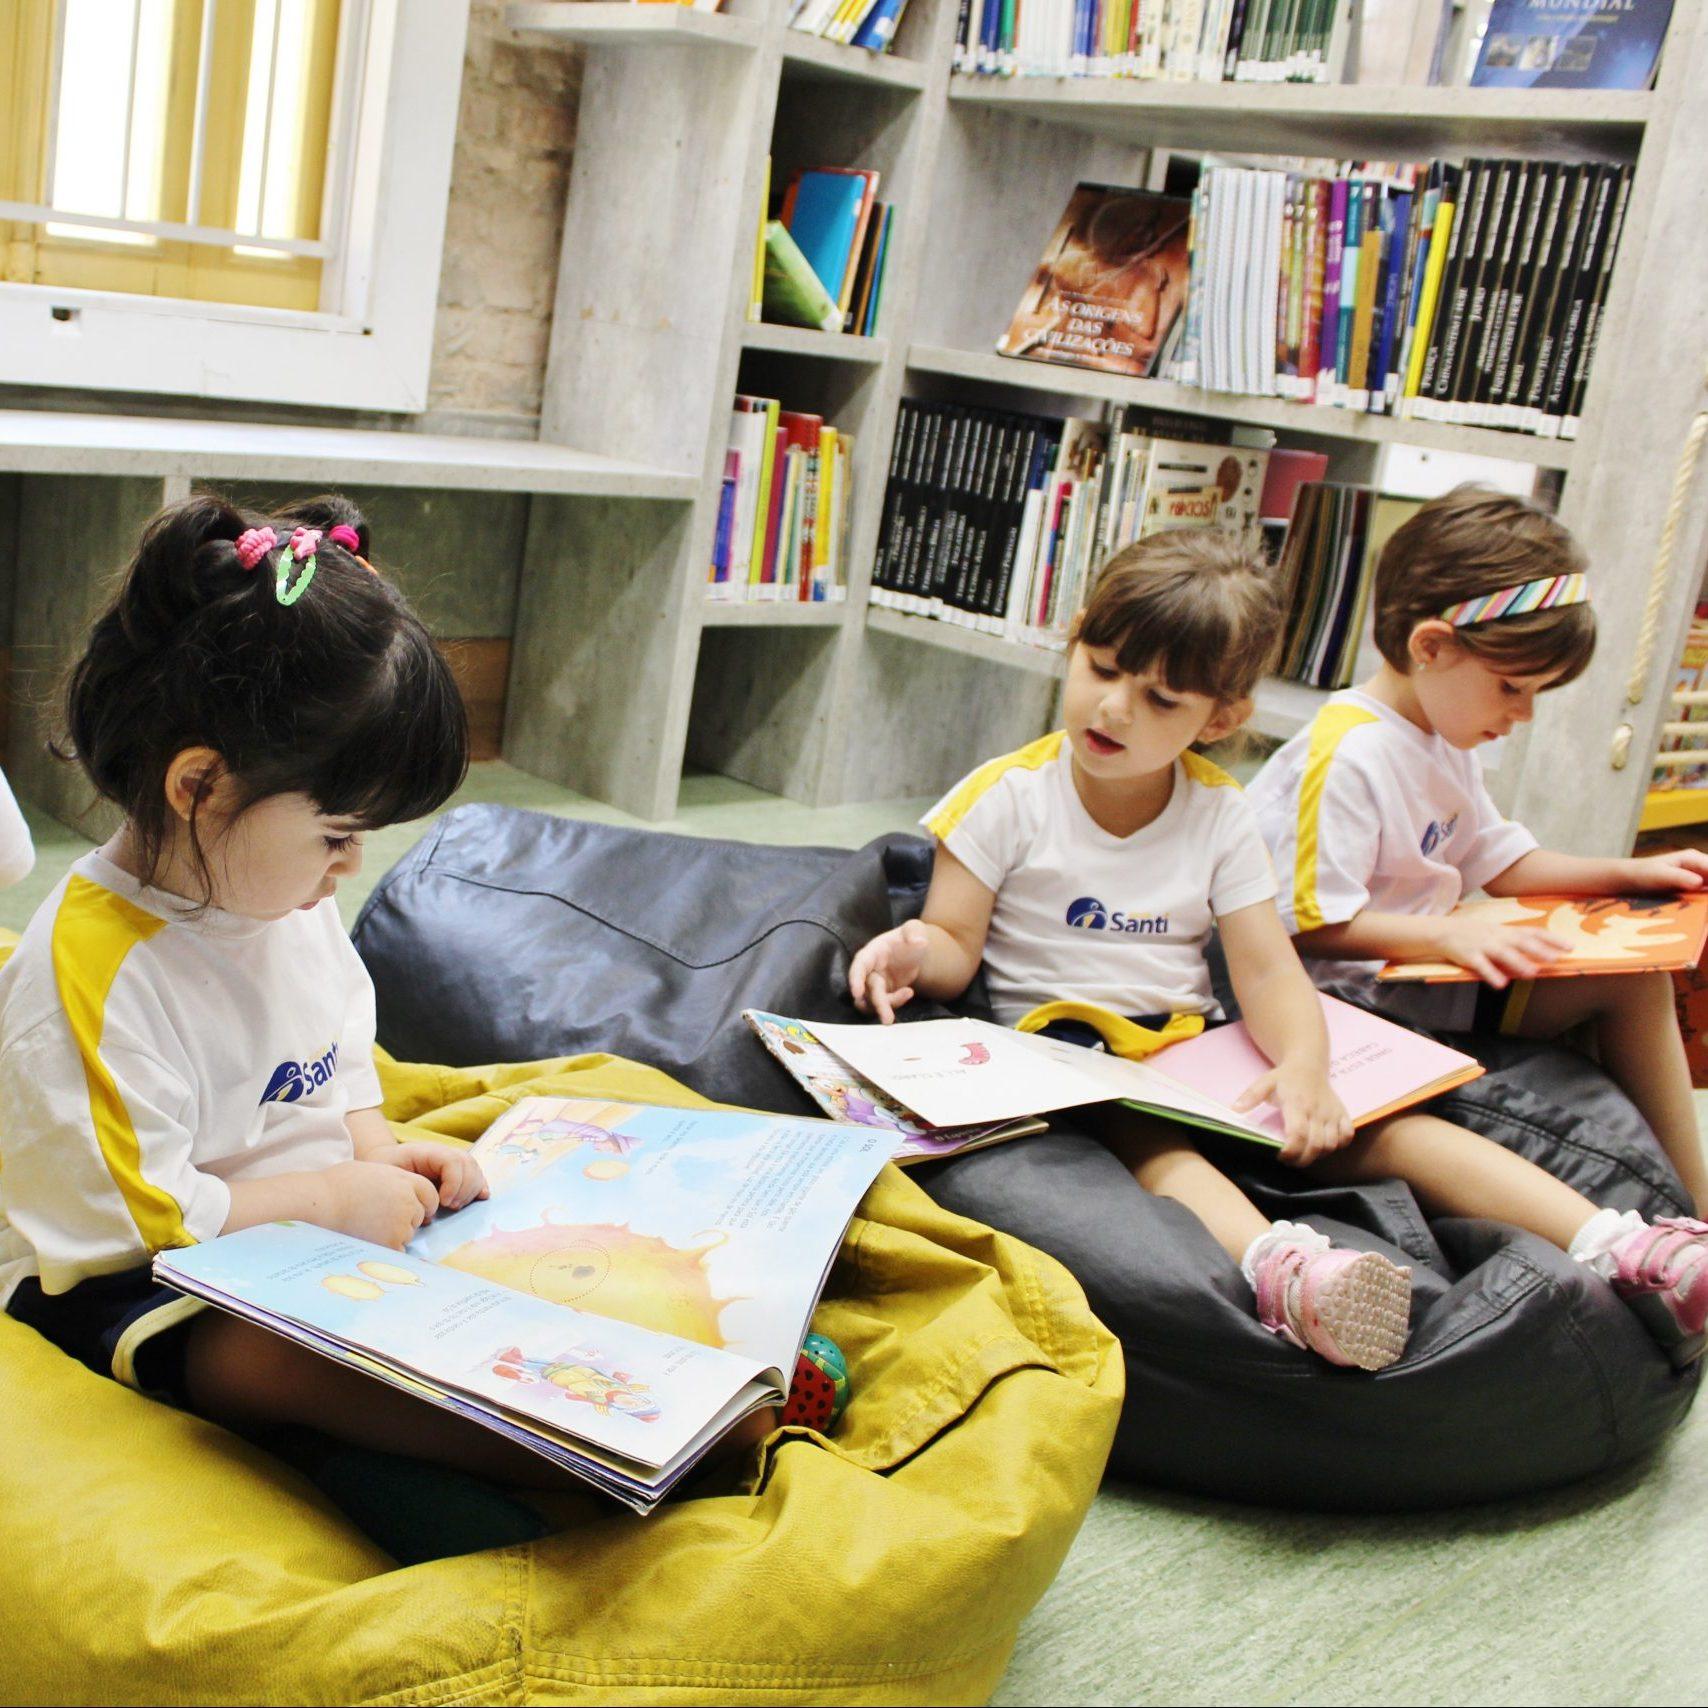 Como Posso Incentivar O Gosto Pela Leitura Em Meu Filho?